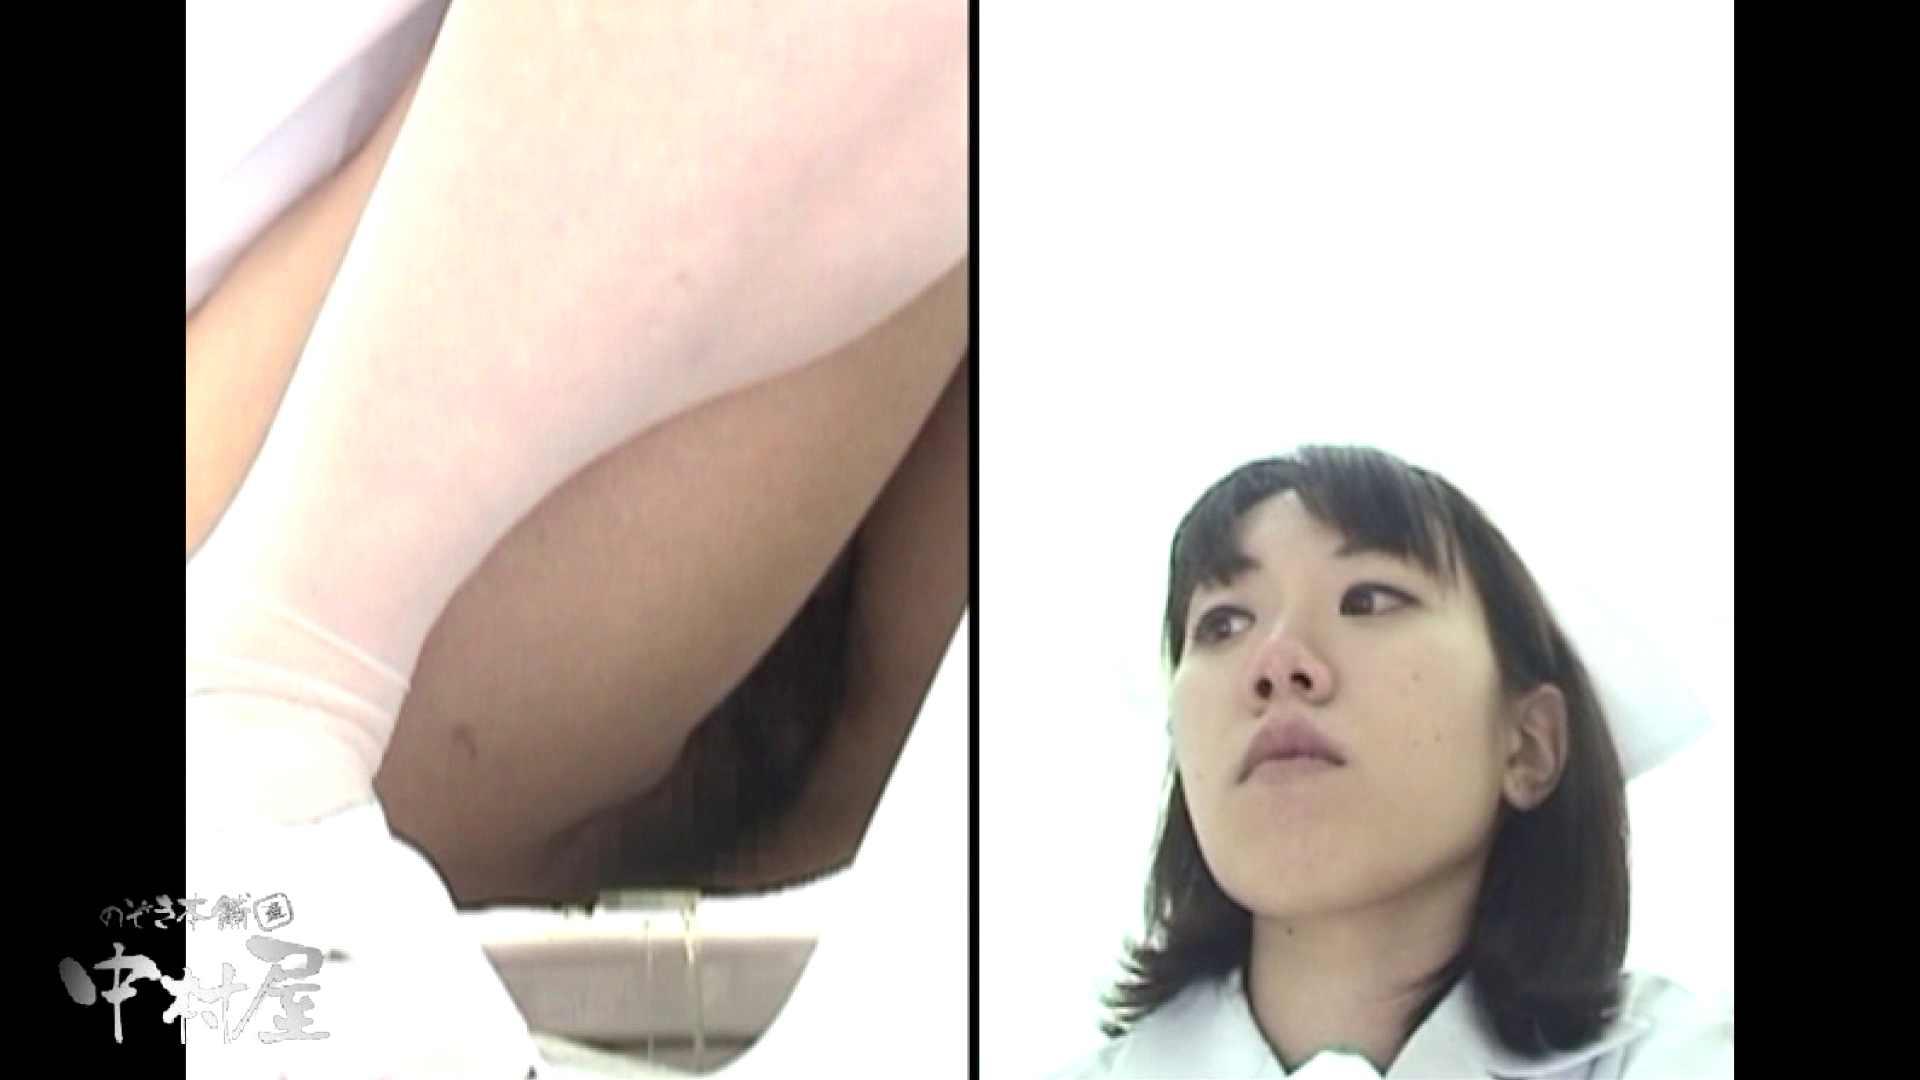 都内某大学病院編 和式イ更所盗撮 その⑥ 3名 女性トイレ SEX無修正画像 105pic 94